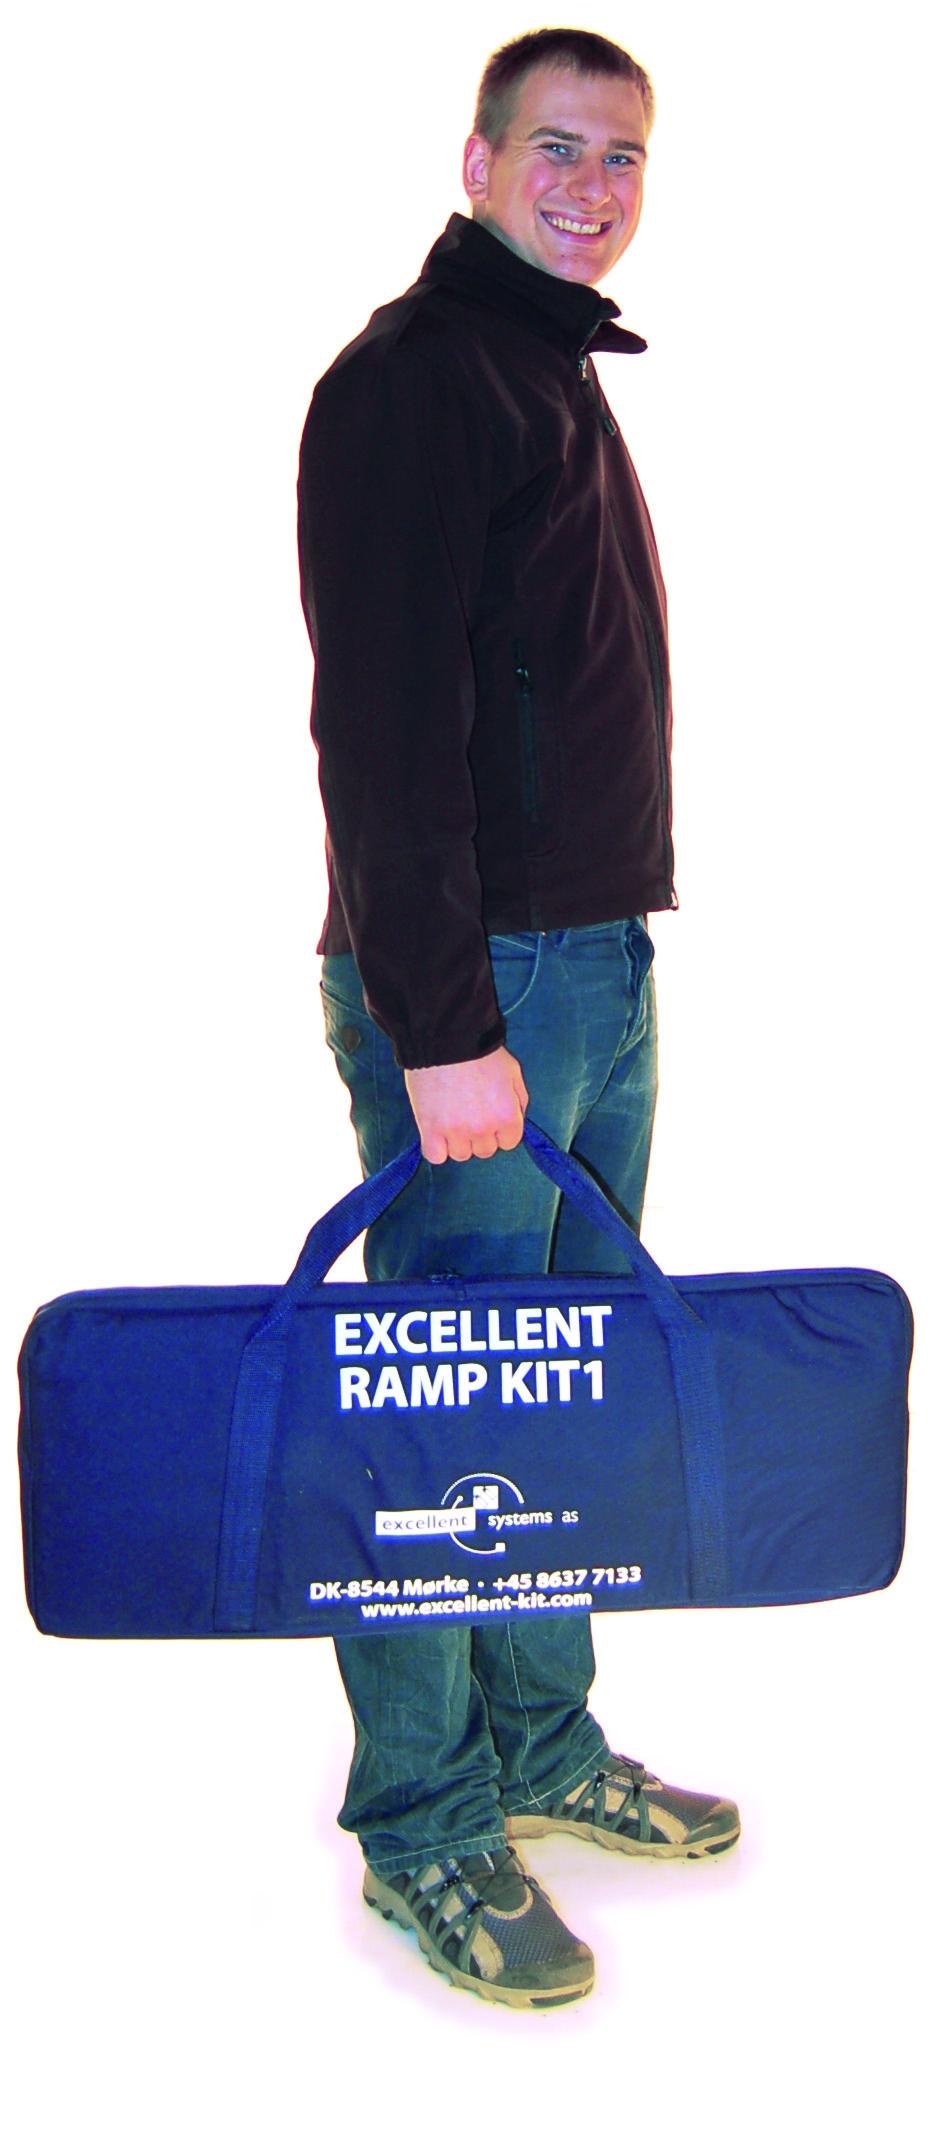 Un sac rigide à la taille du kit 1